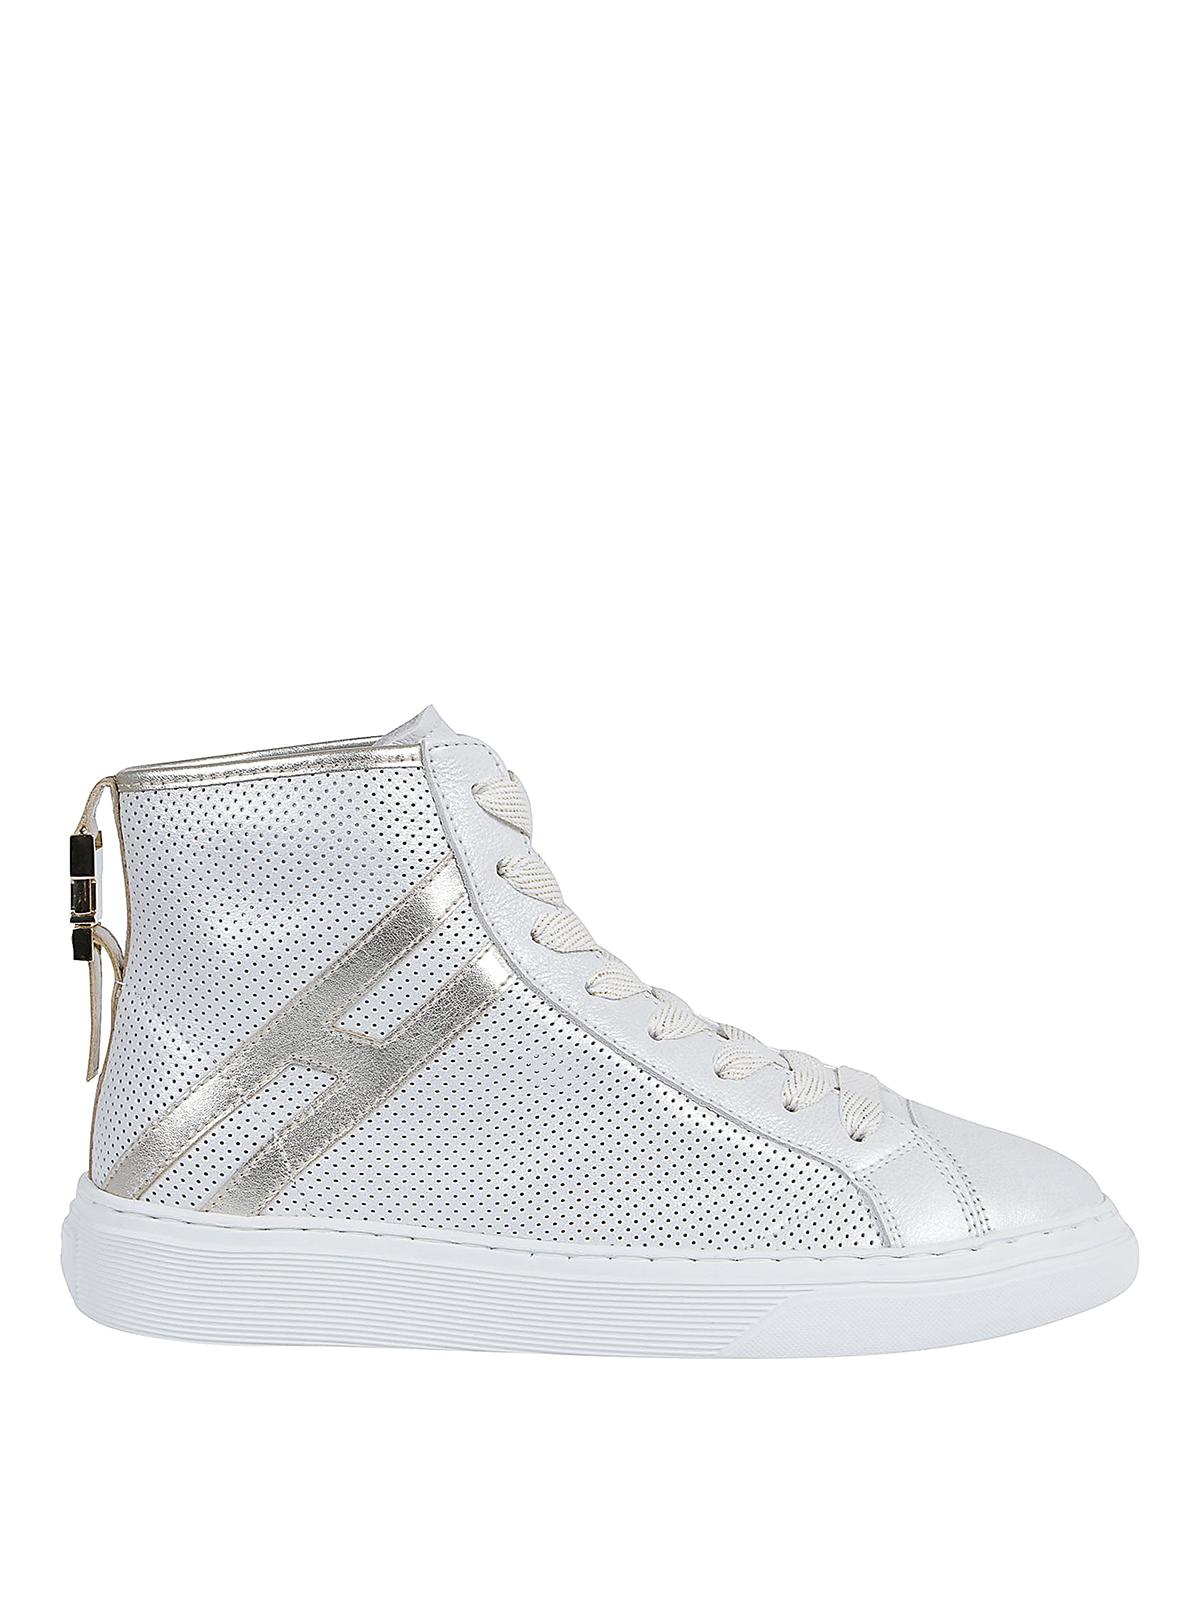 Sneakers Hogan - Sneaker H365 alte in pelle - HXW3660CN70N0Q1556